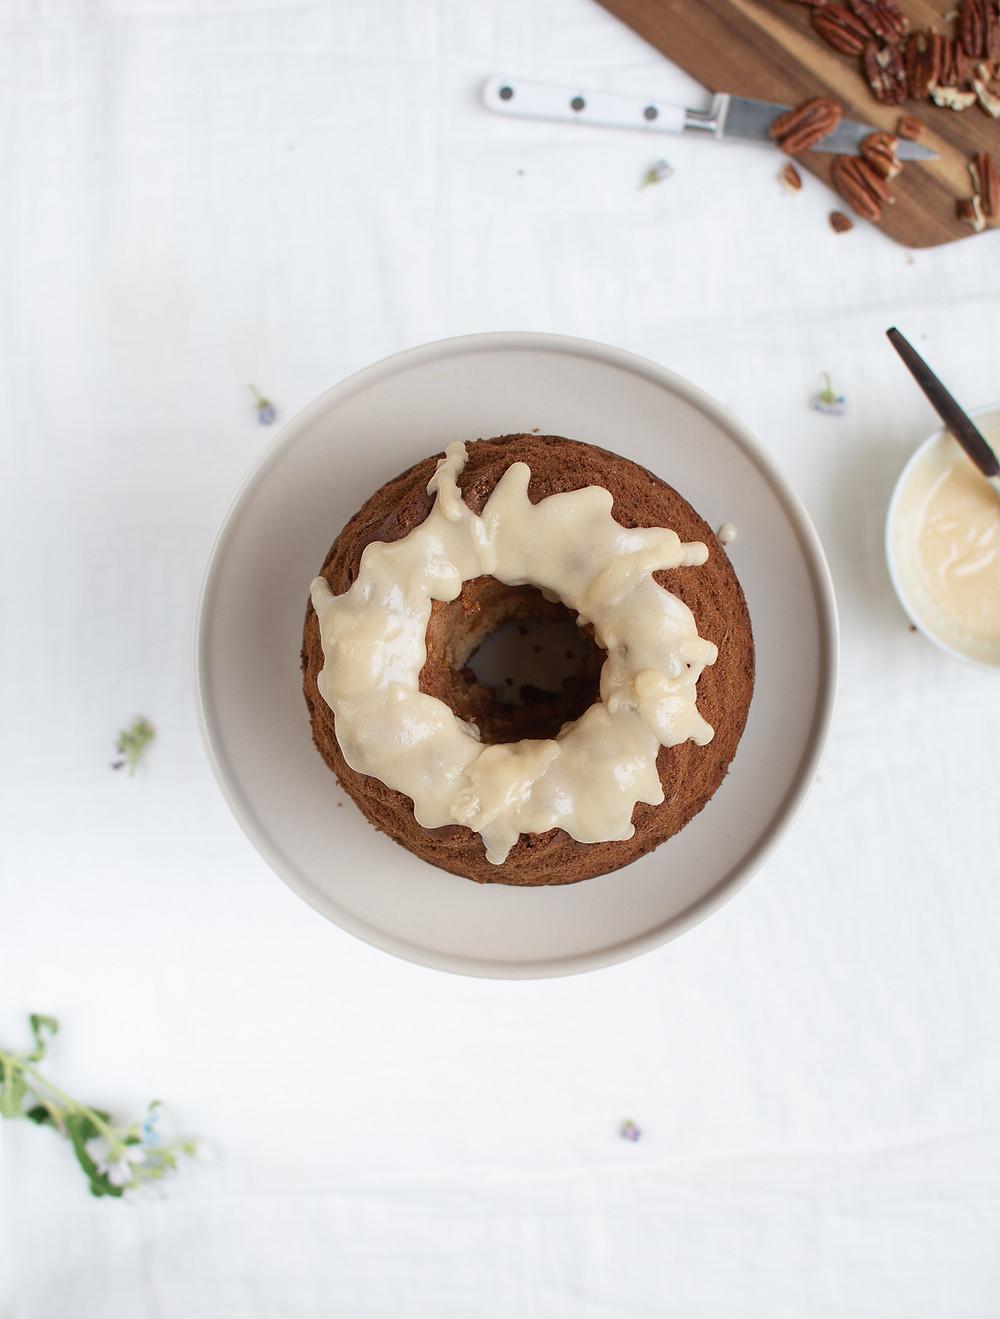 טה דה! עוגת הדבש של סבתא, הכי טעימה שיש